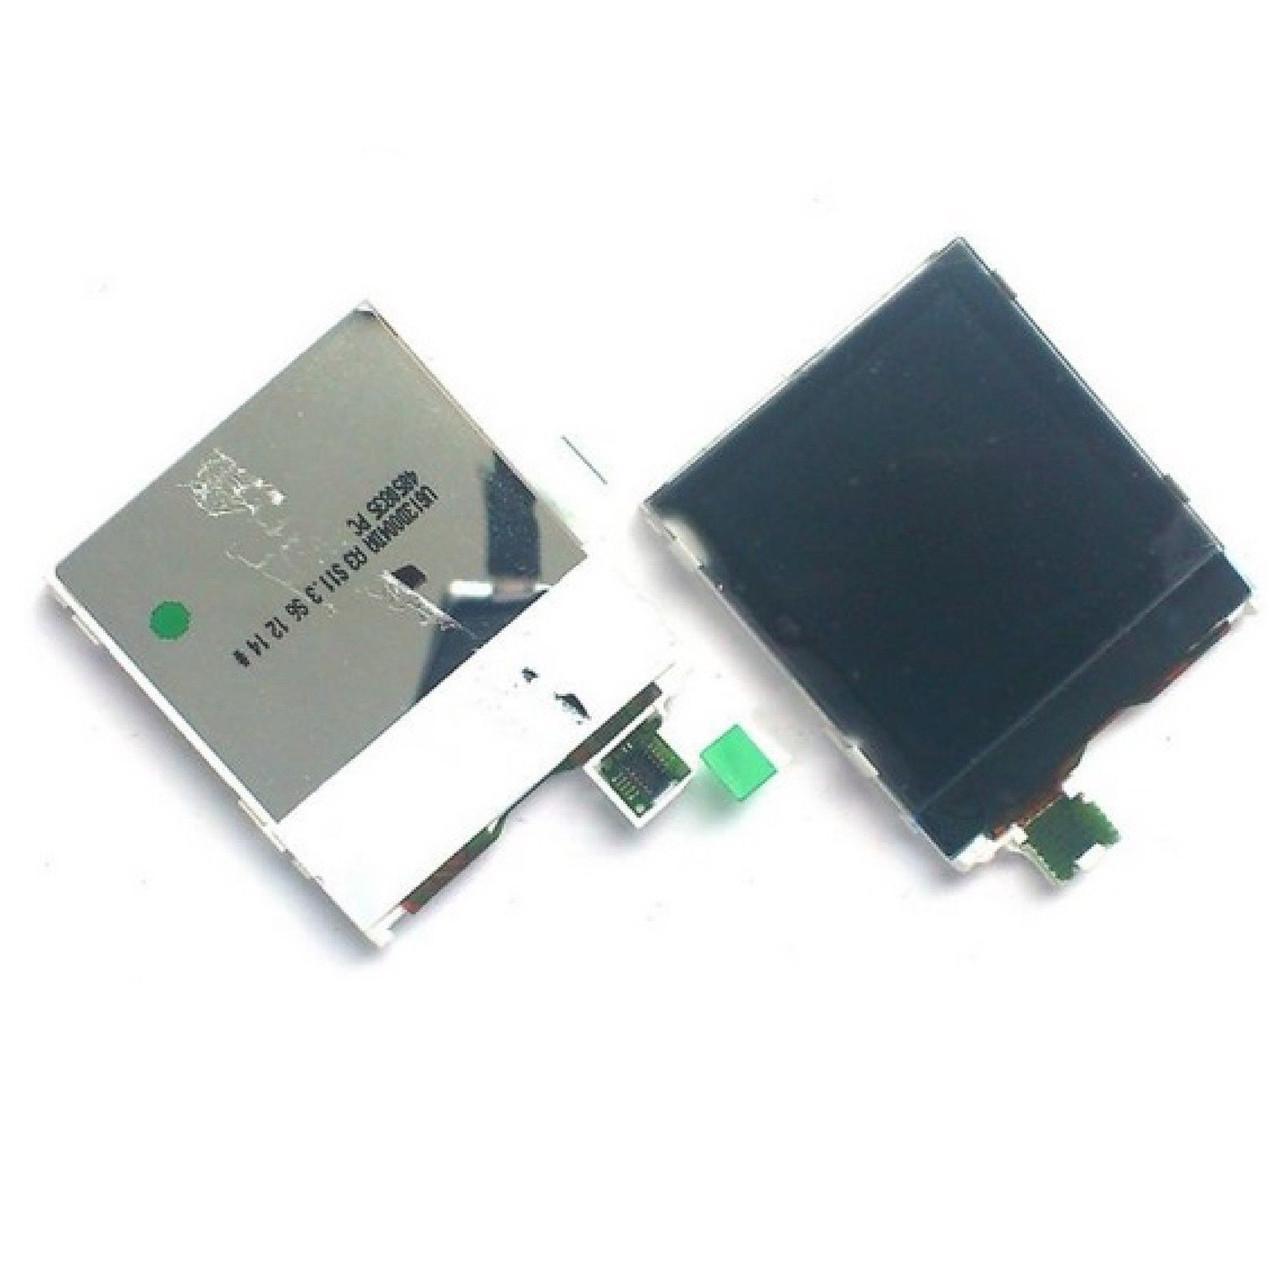 Оригинальный Дисплей LCD (Экран) Nokia 2600 | 2650 | 2652 | 3200 | 5140 | 6220 | 6225 cdma